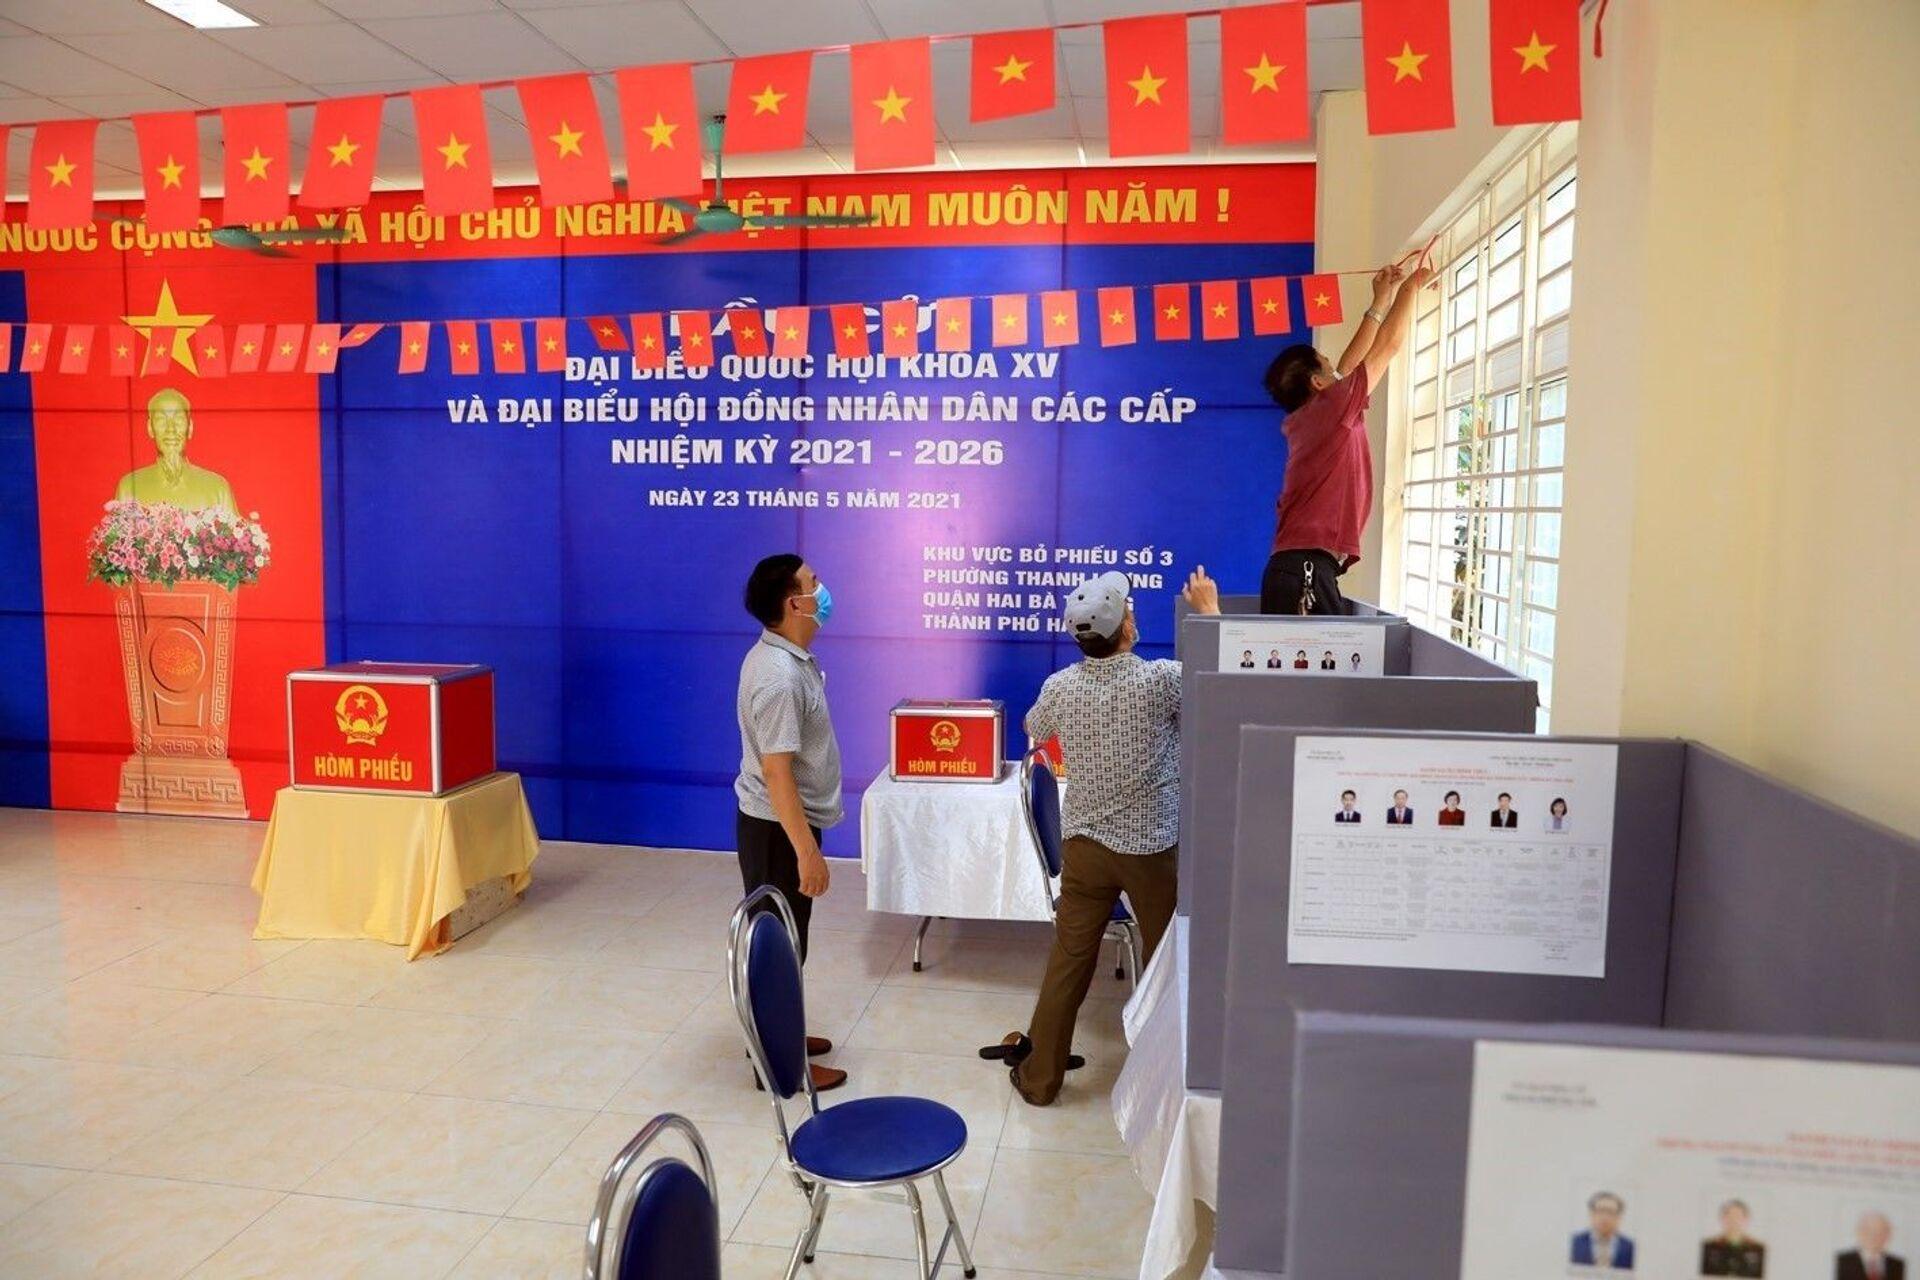 Lực lượng Công an bảo đảm an toàn tuyệt đối cho bầu cử ĐBQH và HĐND các cấp nhiệm kỳ 2021-2026 - Sputnik Việt Nam, 1920, 22.05.2021